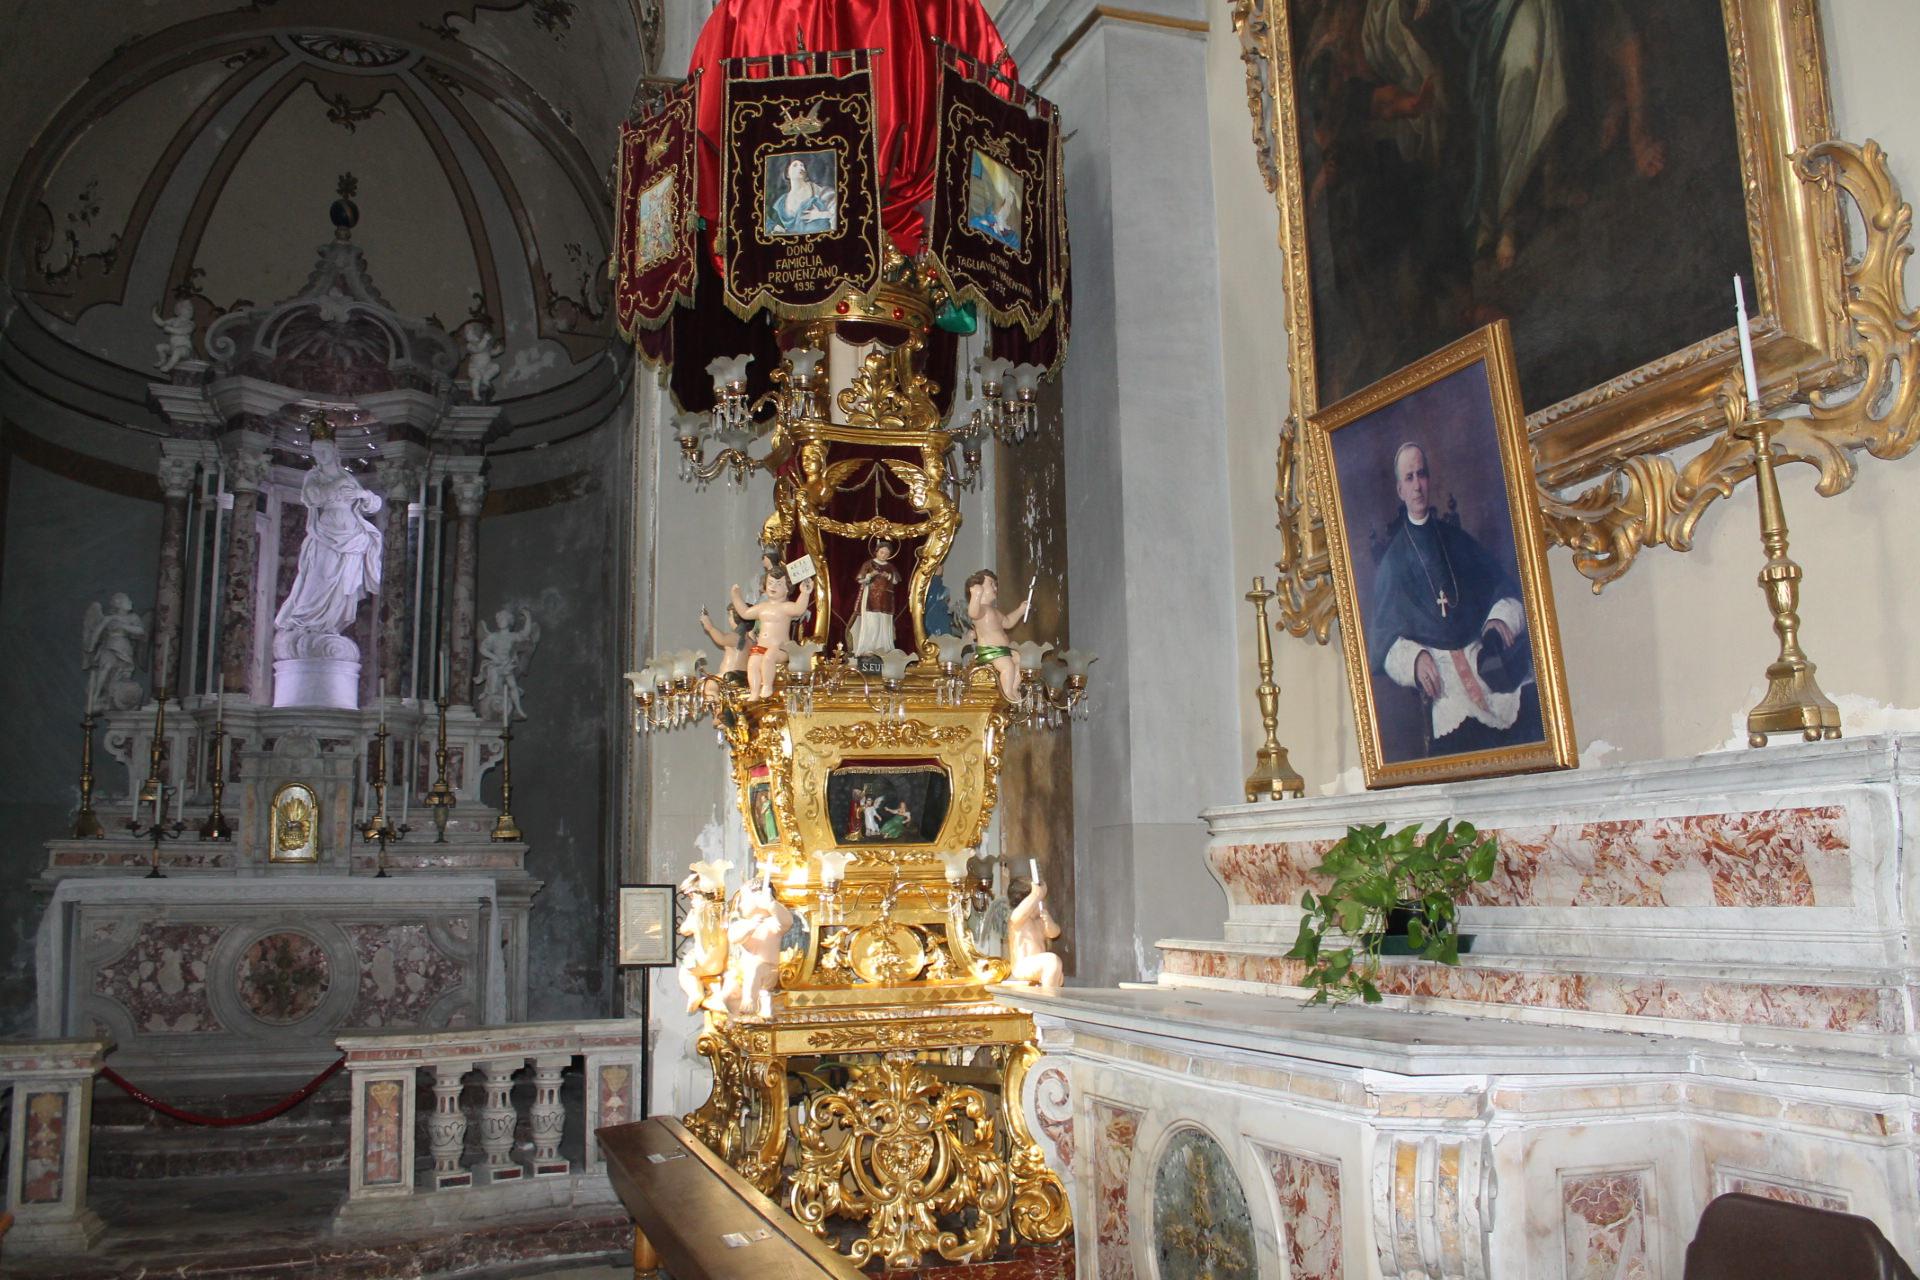 Verso Sant'Agata: la candelora del circolo Sant'Agata